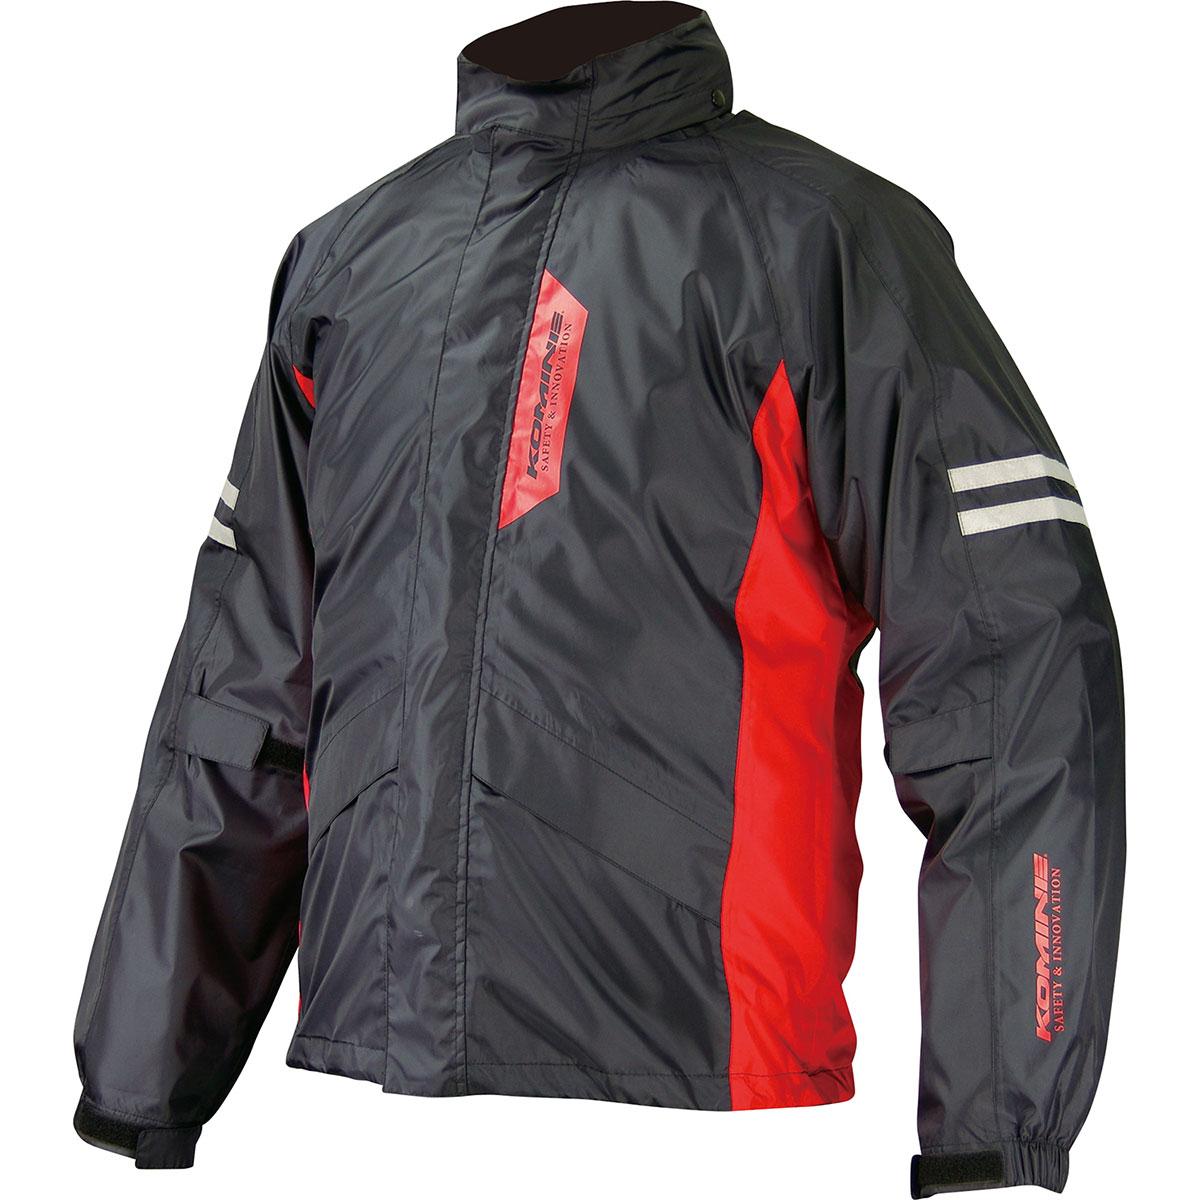 コミネ (Komine) バイク用 レインギア Rain gear RK-539 ブレスターレインウェア フィアート ブラック 黒 3XLBサイズ 03-539/BK/3XLB